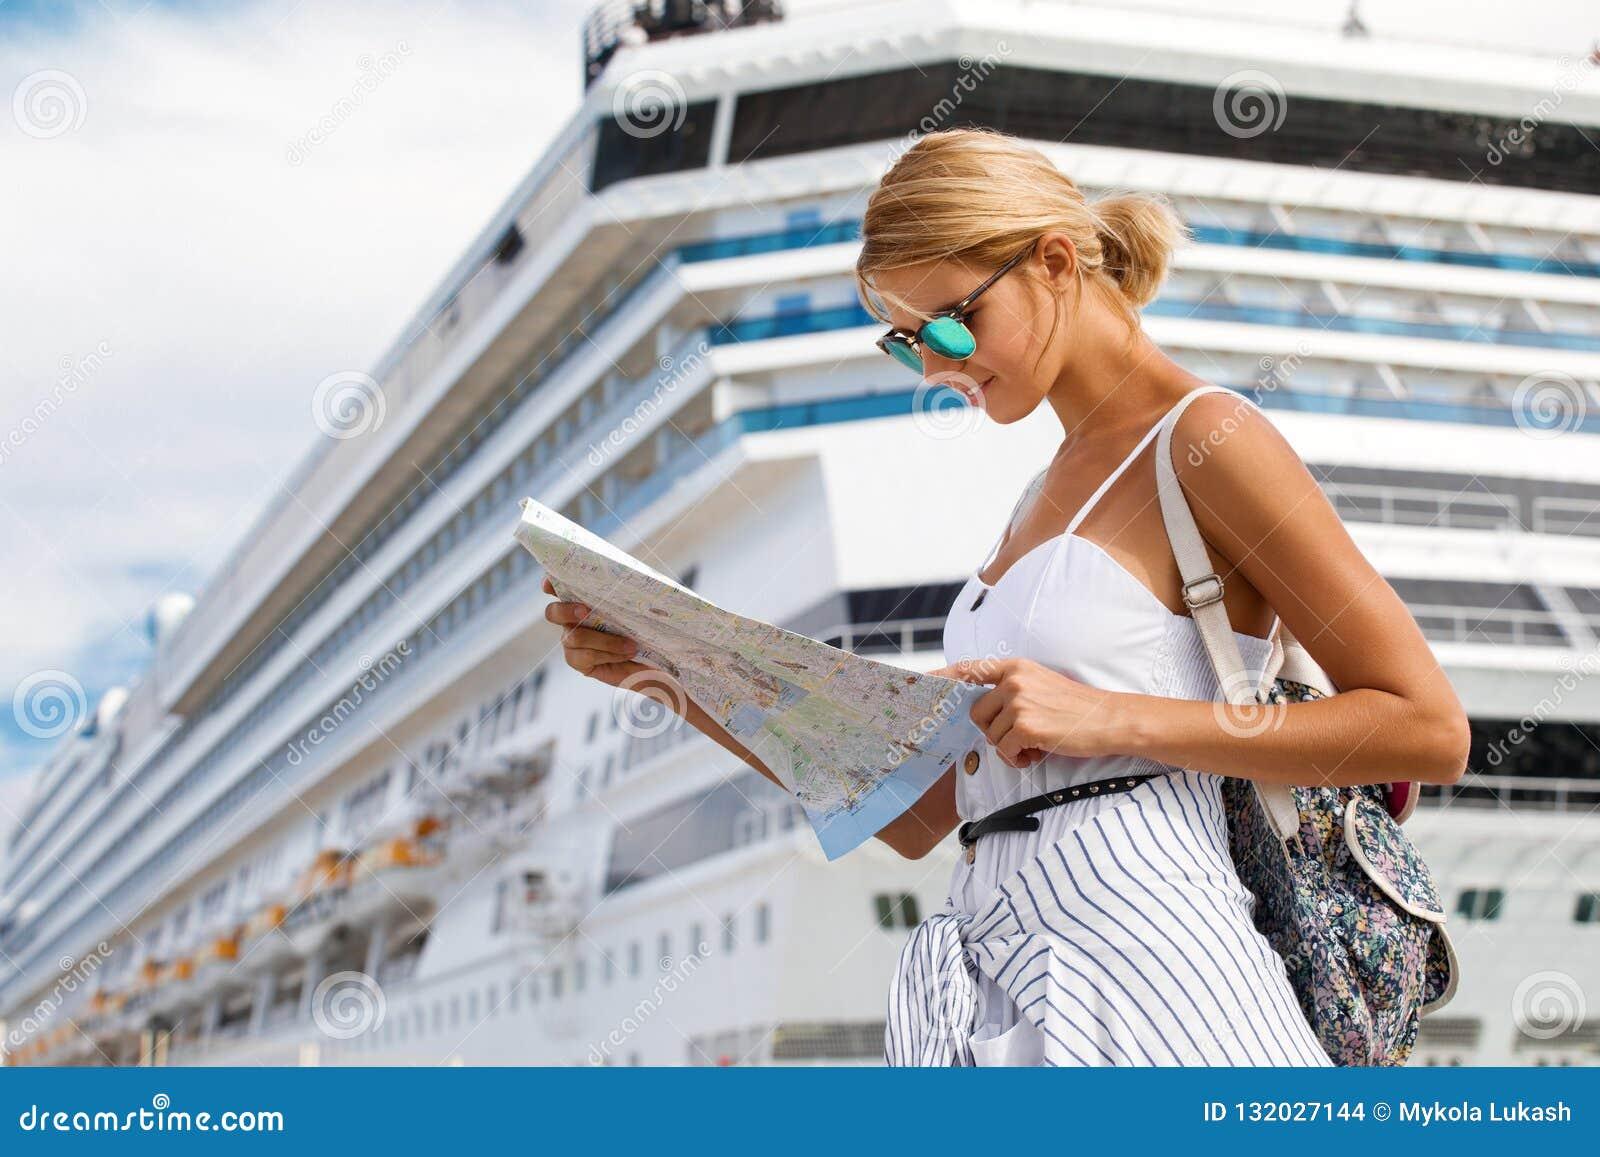 Τουρίστας γυναικών με το χάρτη, που στέκεται μπροστά από το μεγάλο σκάφος της γραμμής κρουαζιέρας, θηλυκό ταξιδιού